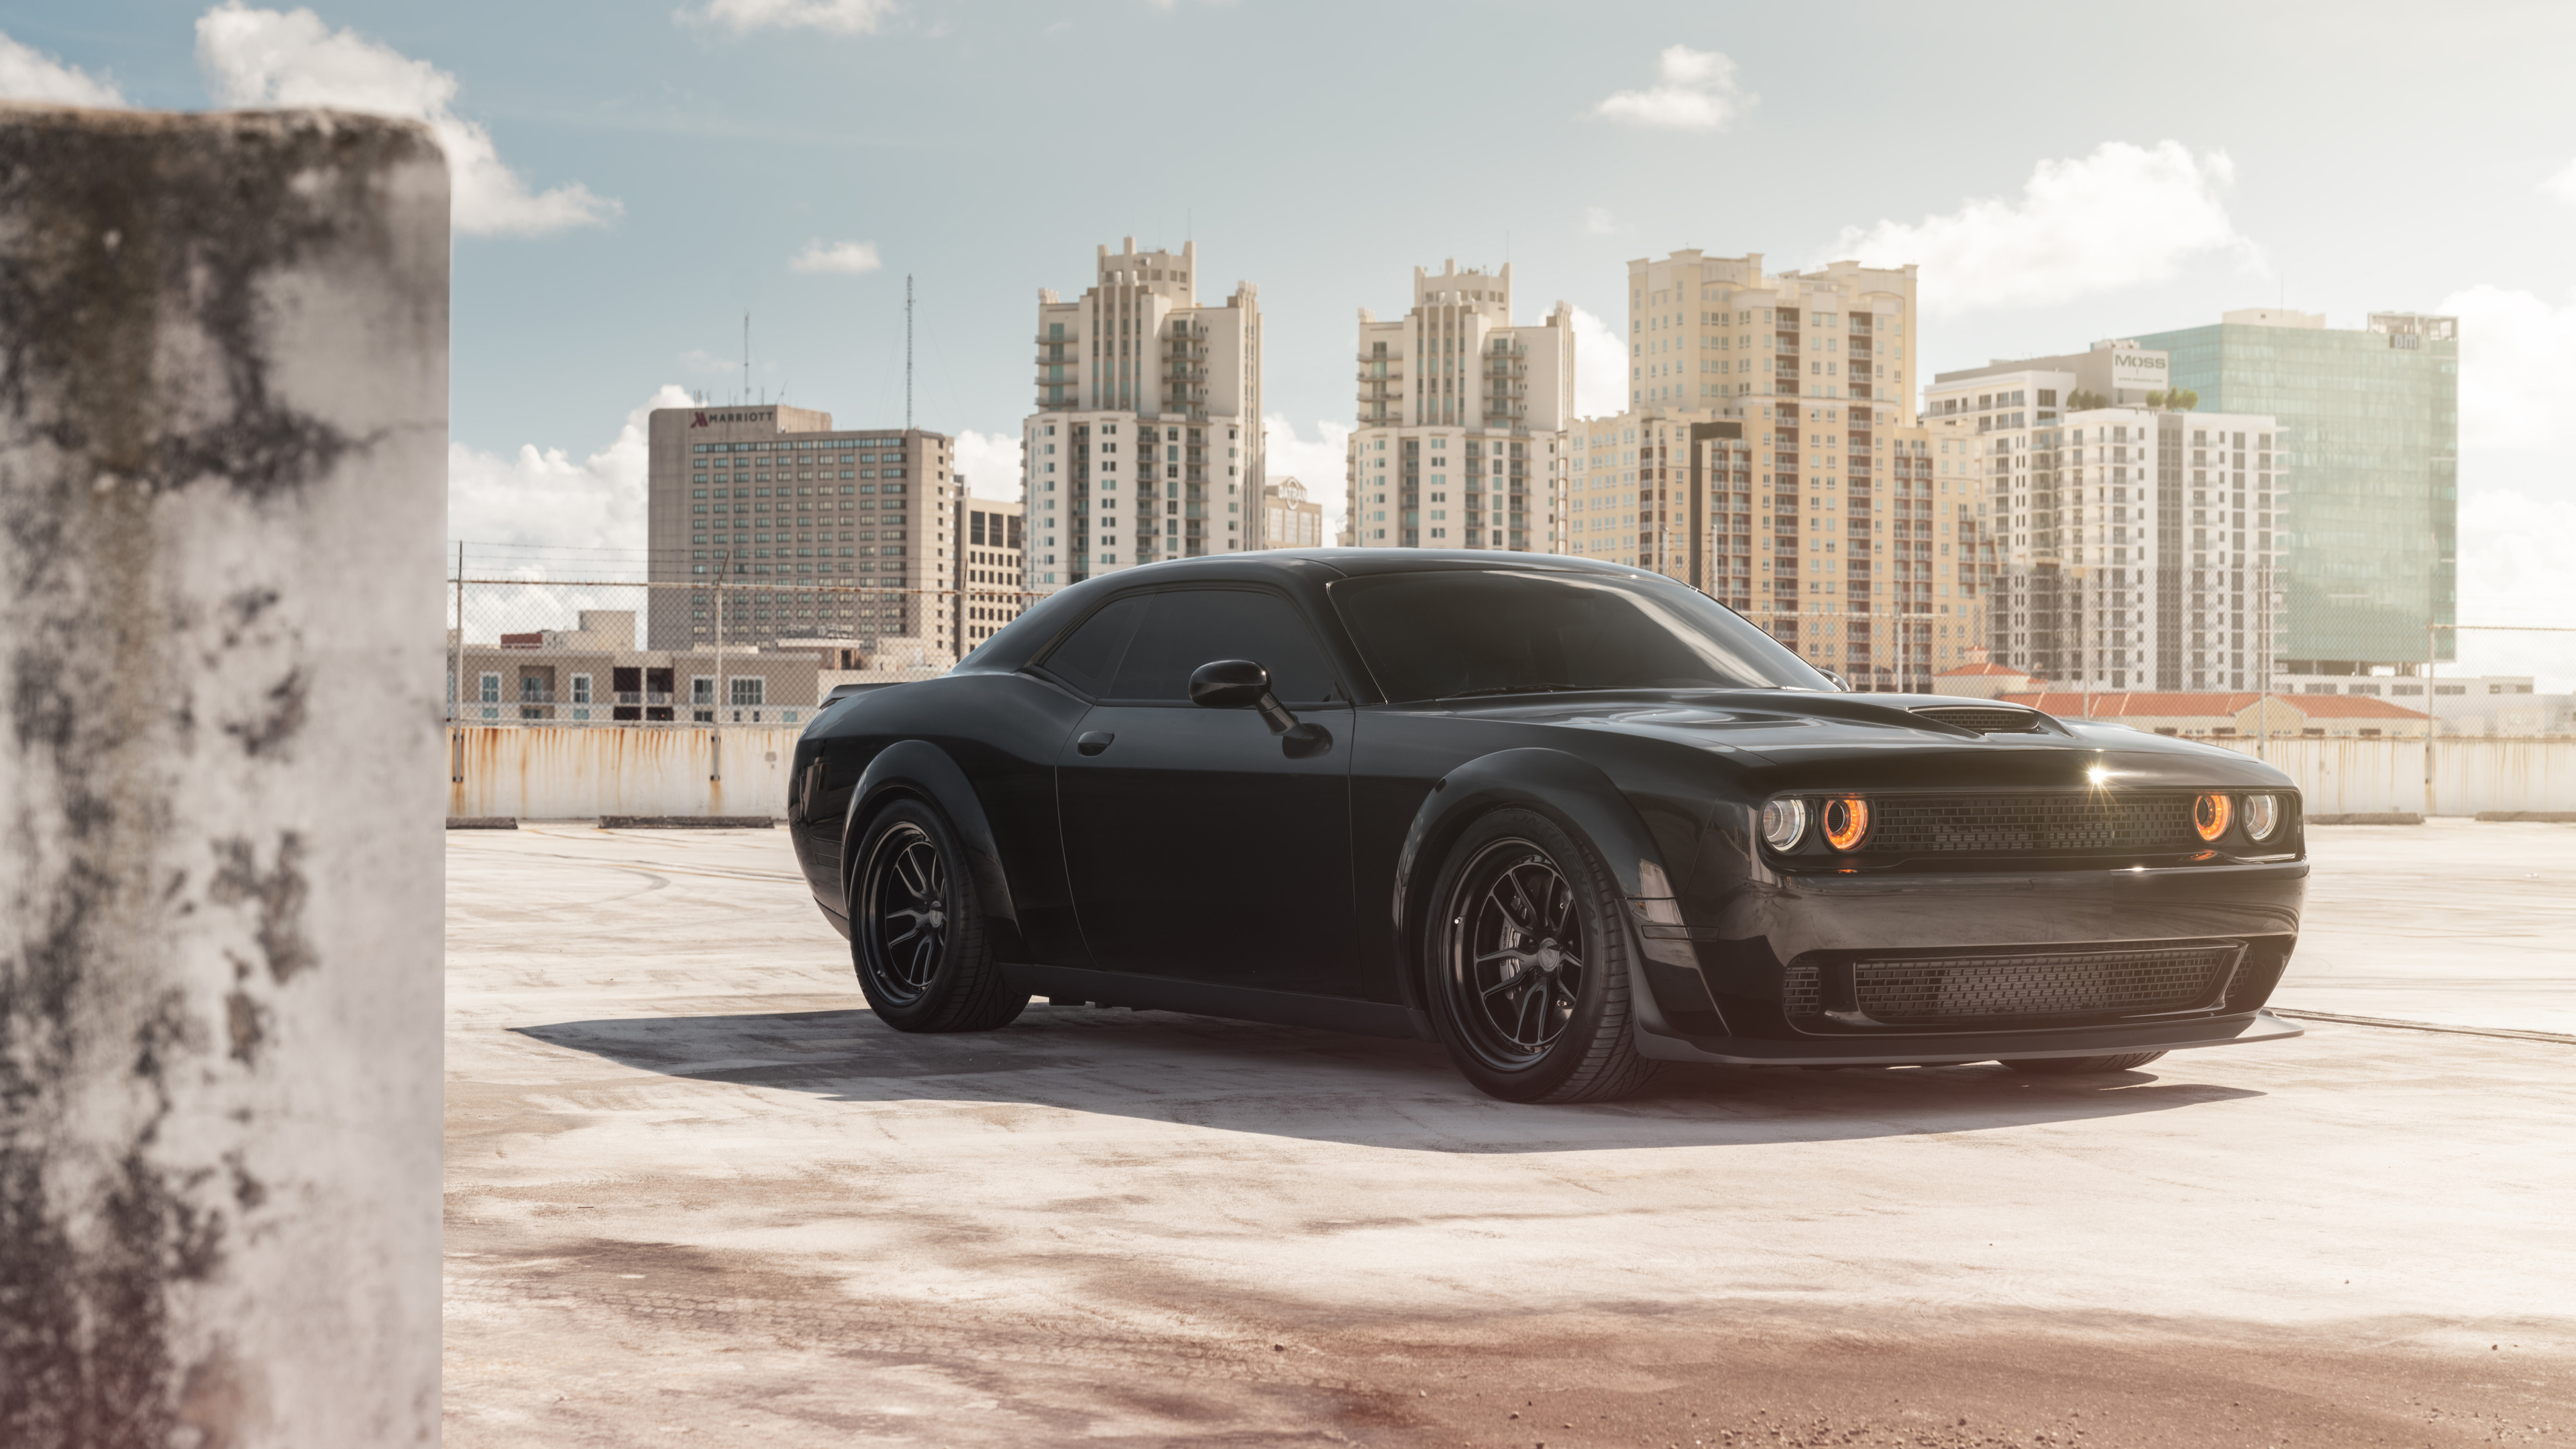 dodge challenger srt 4k 2019 1557260843 - Dodge Challenger SRT 4k 2019 - hd-wallpapers, dodge challenger wallpapers, cars wallpapers, 4k-wallpapers